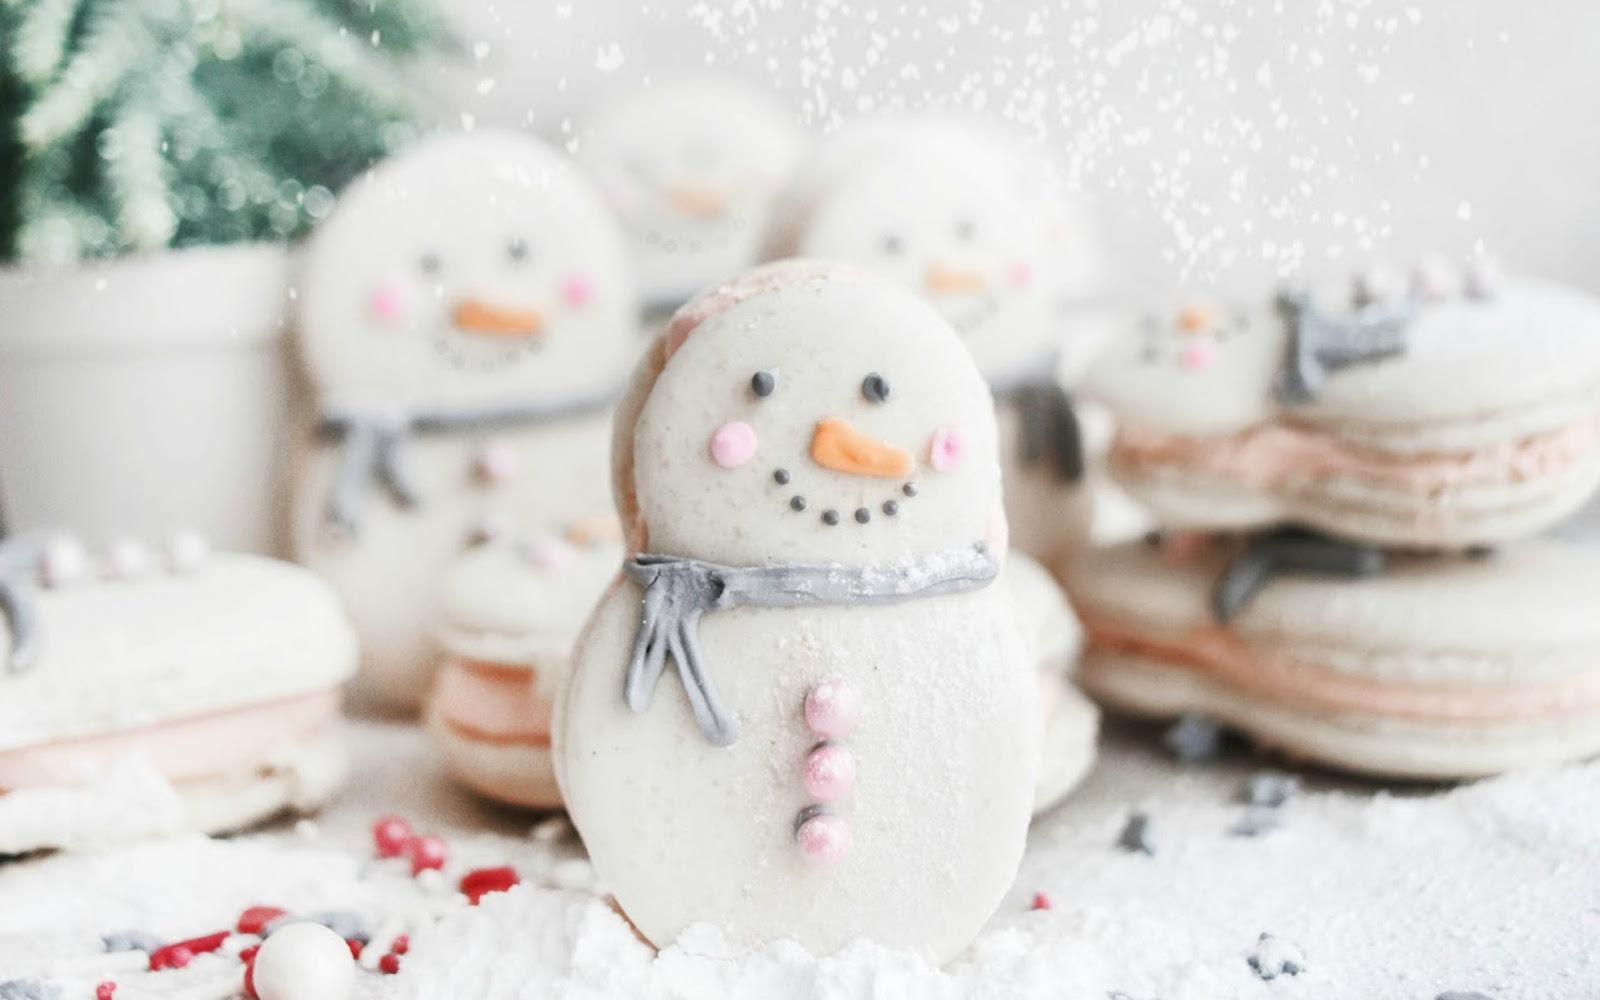 Vegan Snowman Macarons upright